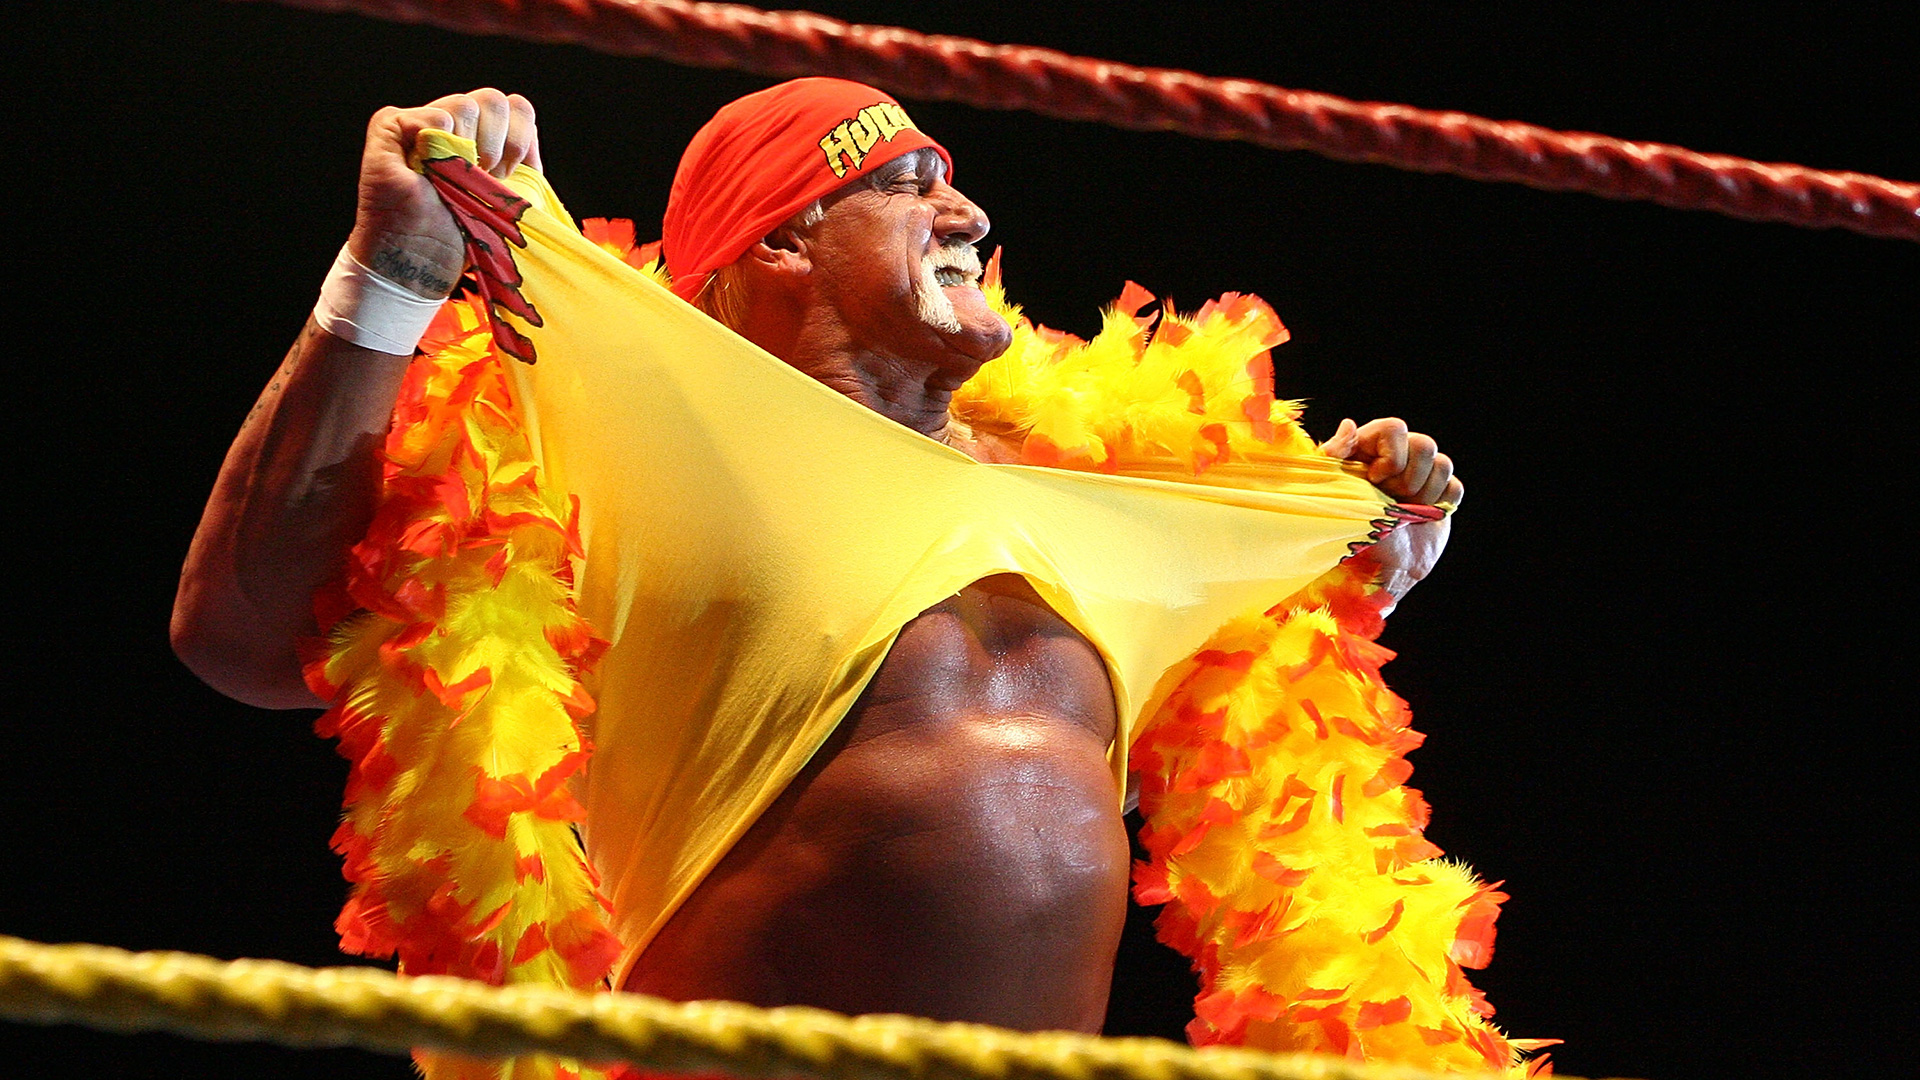 Hulk-Hogan4-030515-GETTY-FTR.jpg